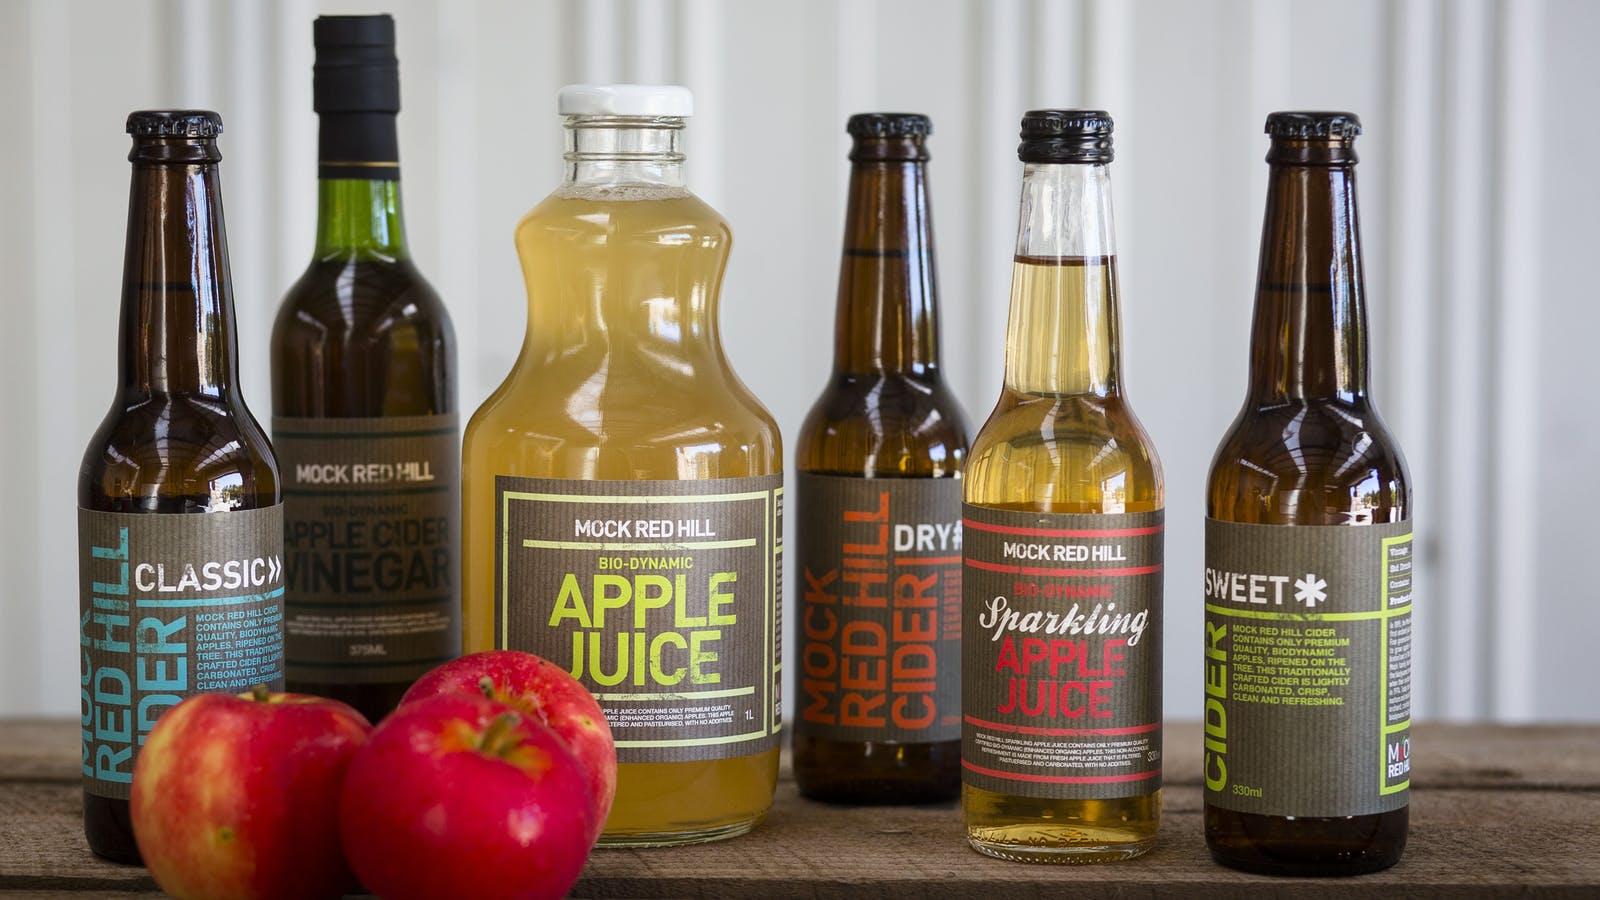 Apple cider vinegar, freshly crushed apple cider, apple juice and sparkling apple juice